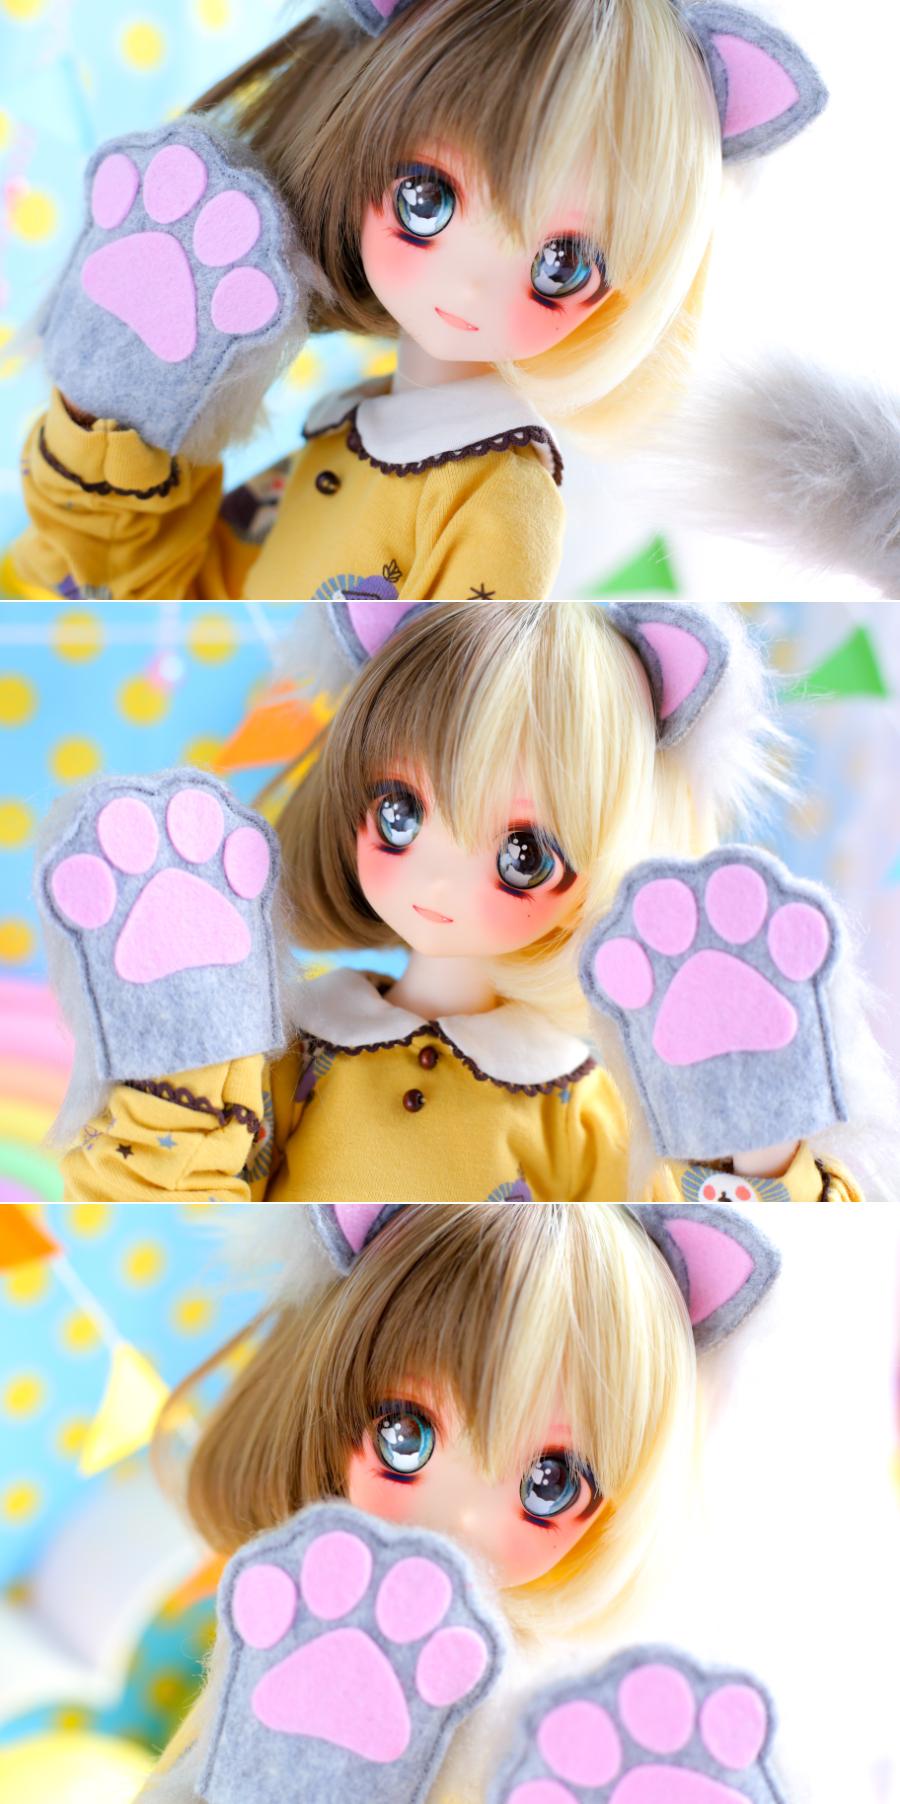 ヤフオク054DWC-01三毛猫ちゃんまとめ04